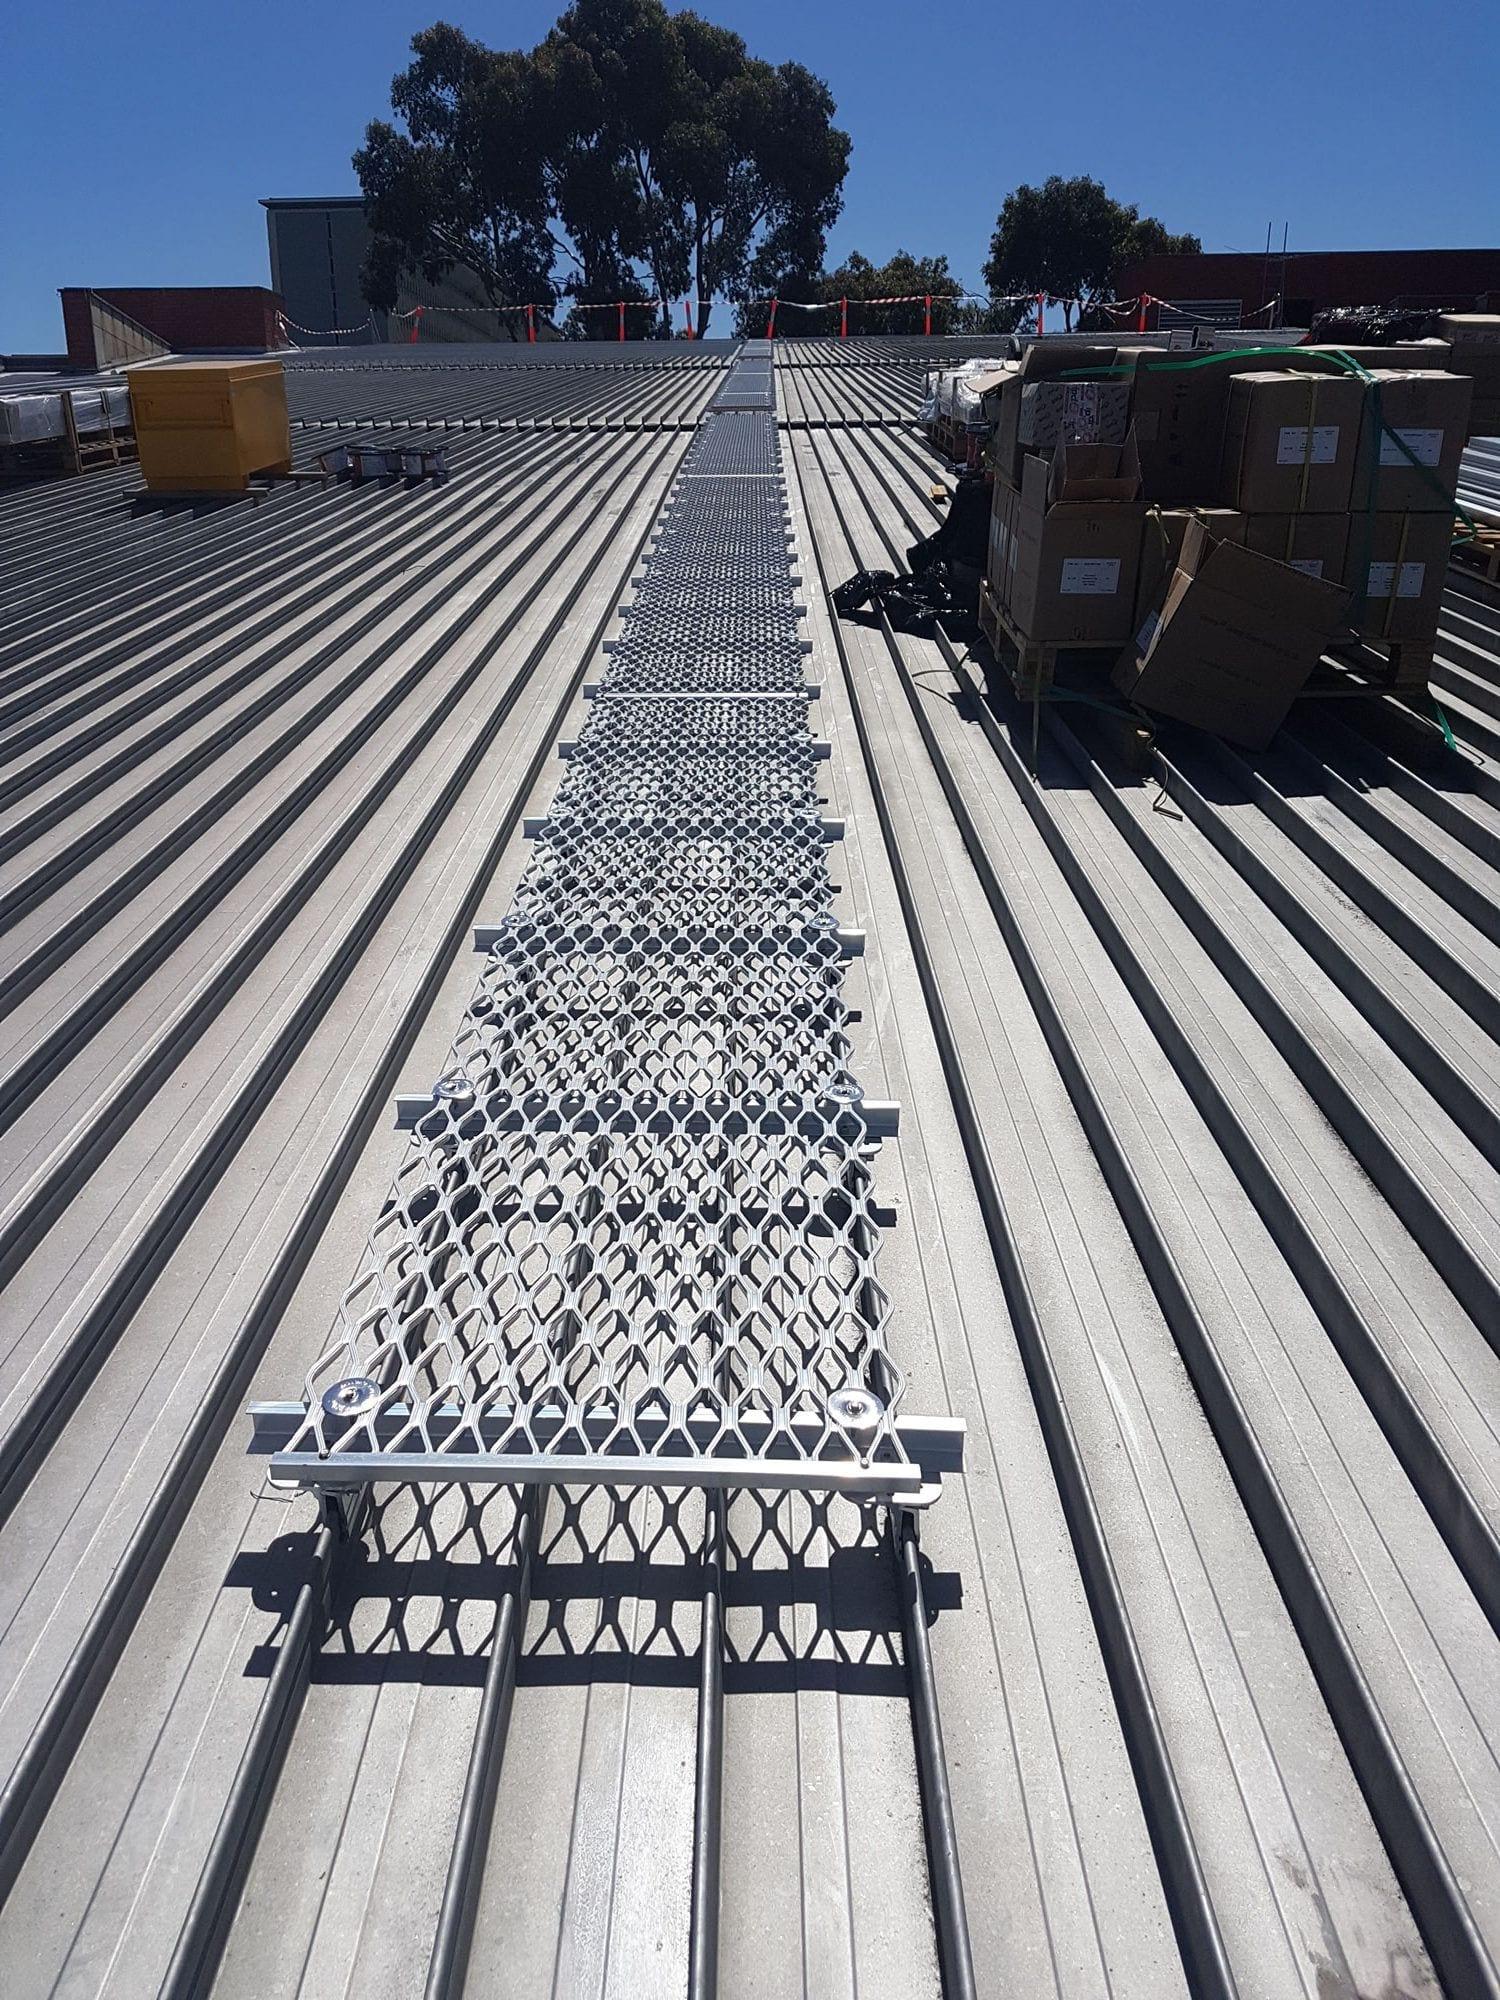 Metal walkway on rooftop